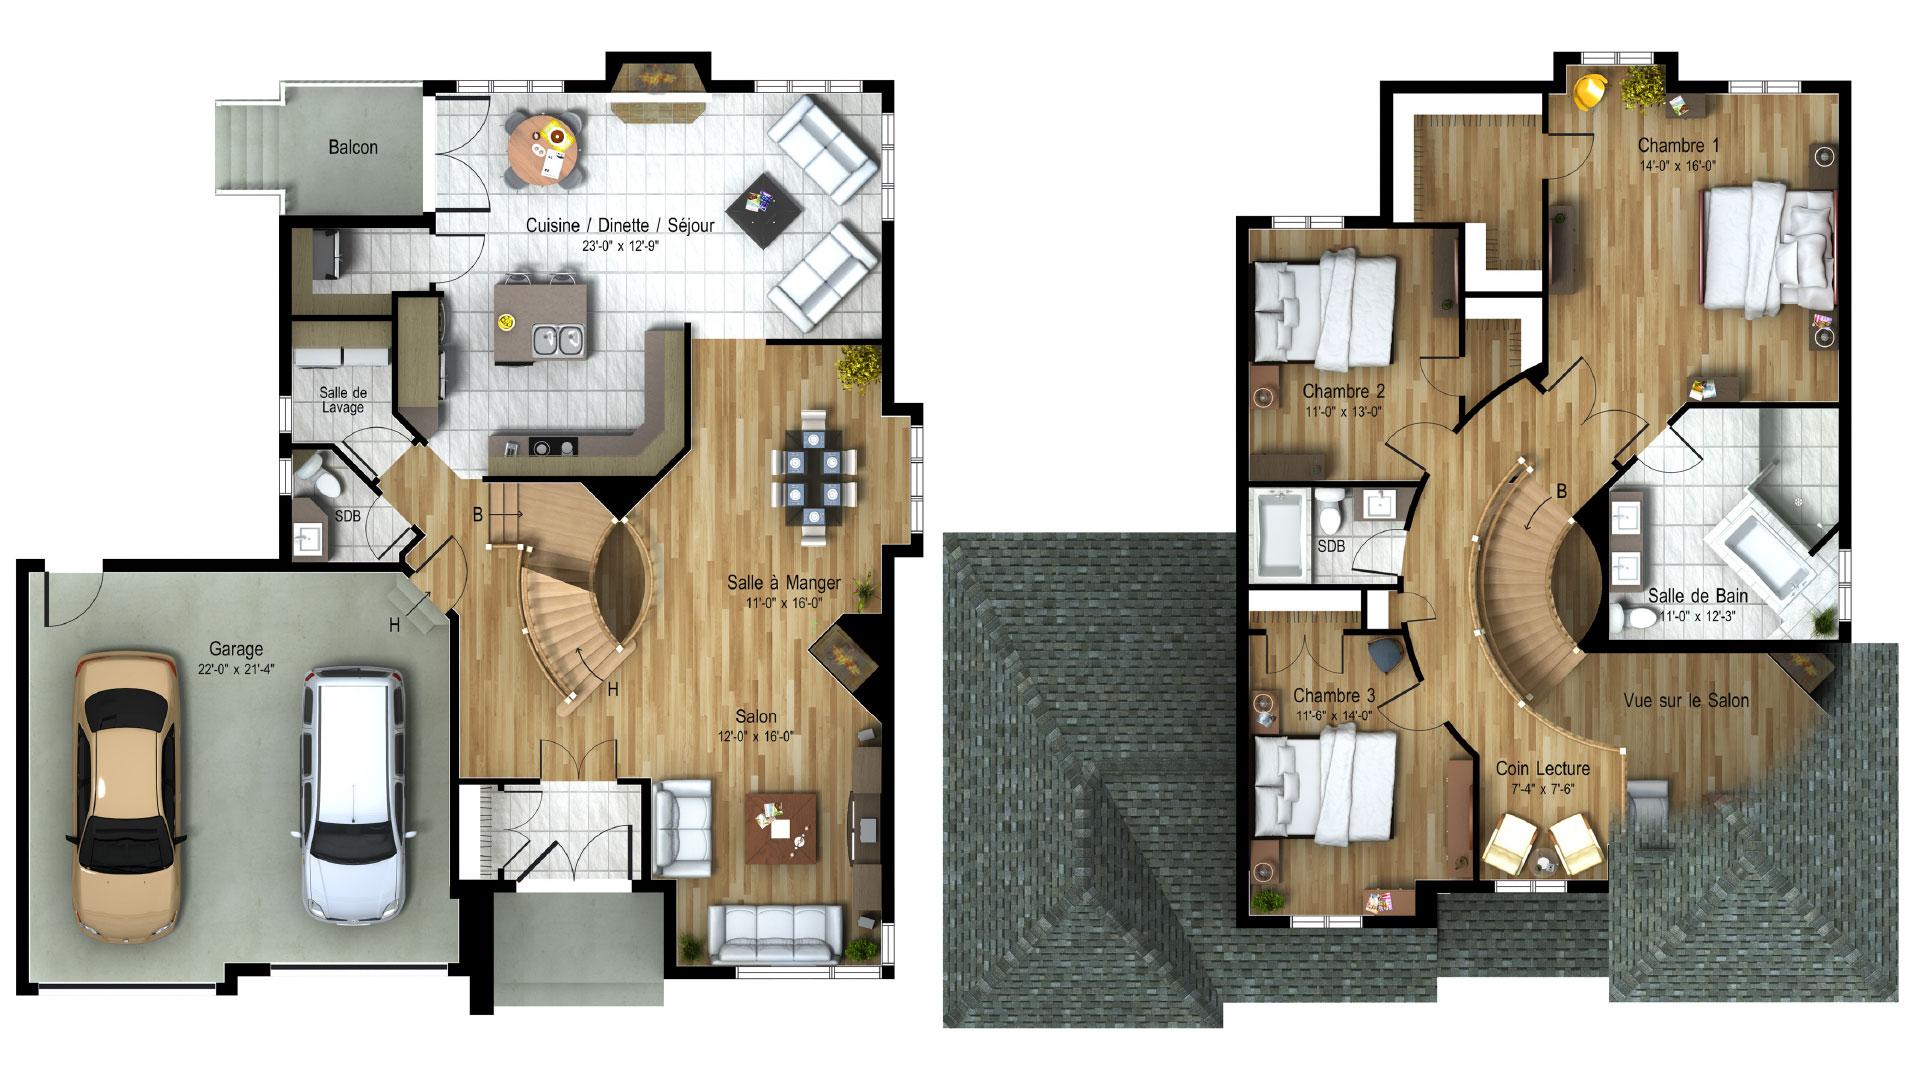 Cottage_Contemporain_Sunbury_Plan maion de luxe_Domicil